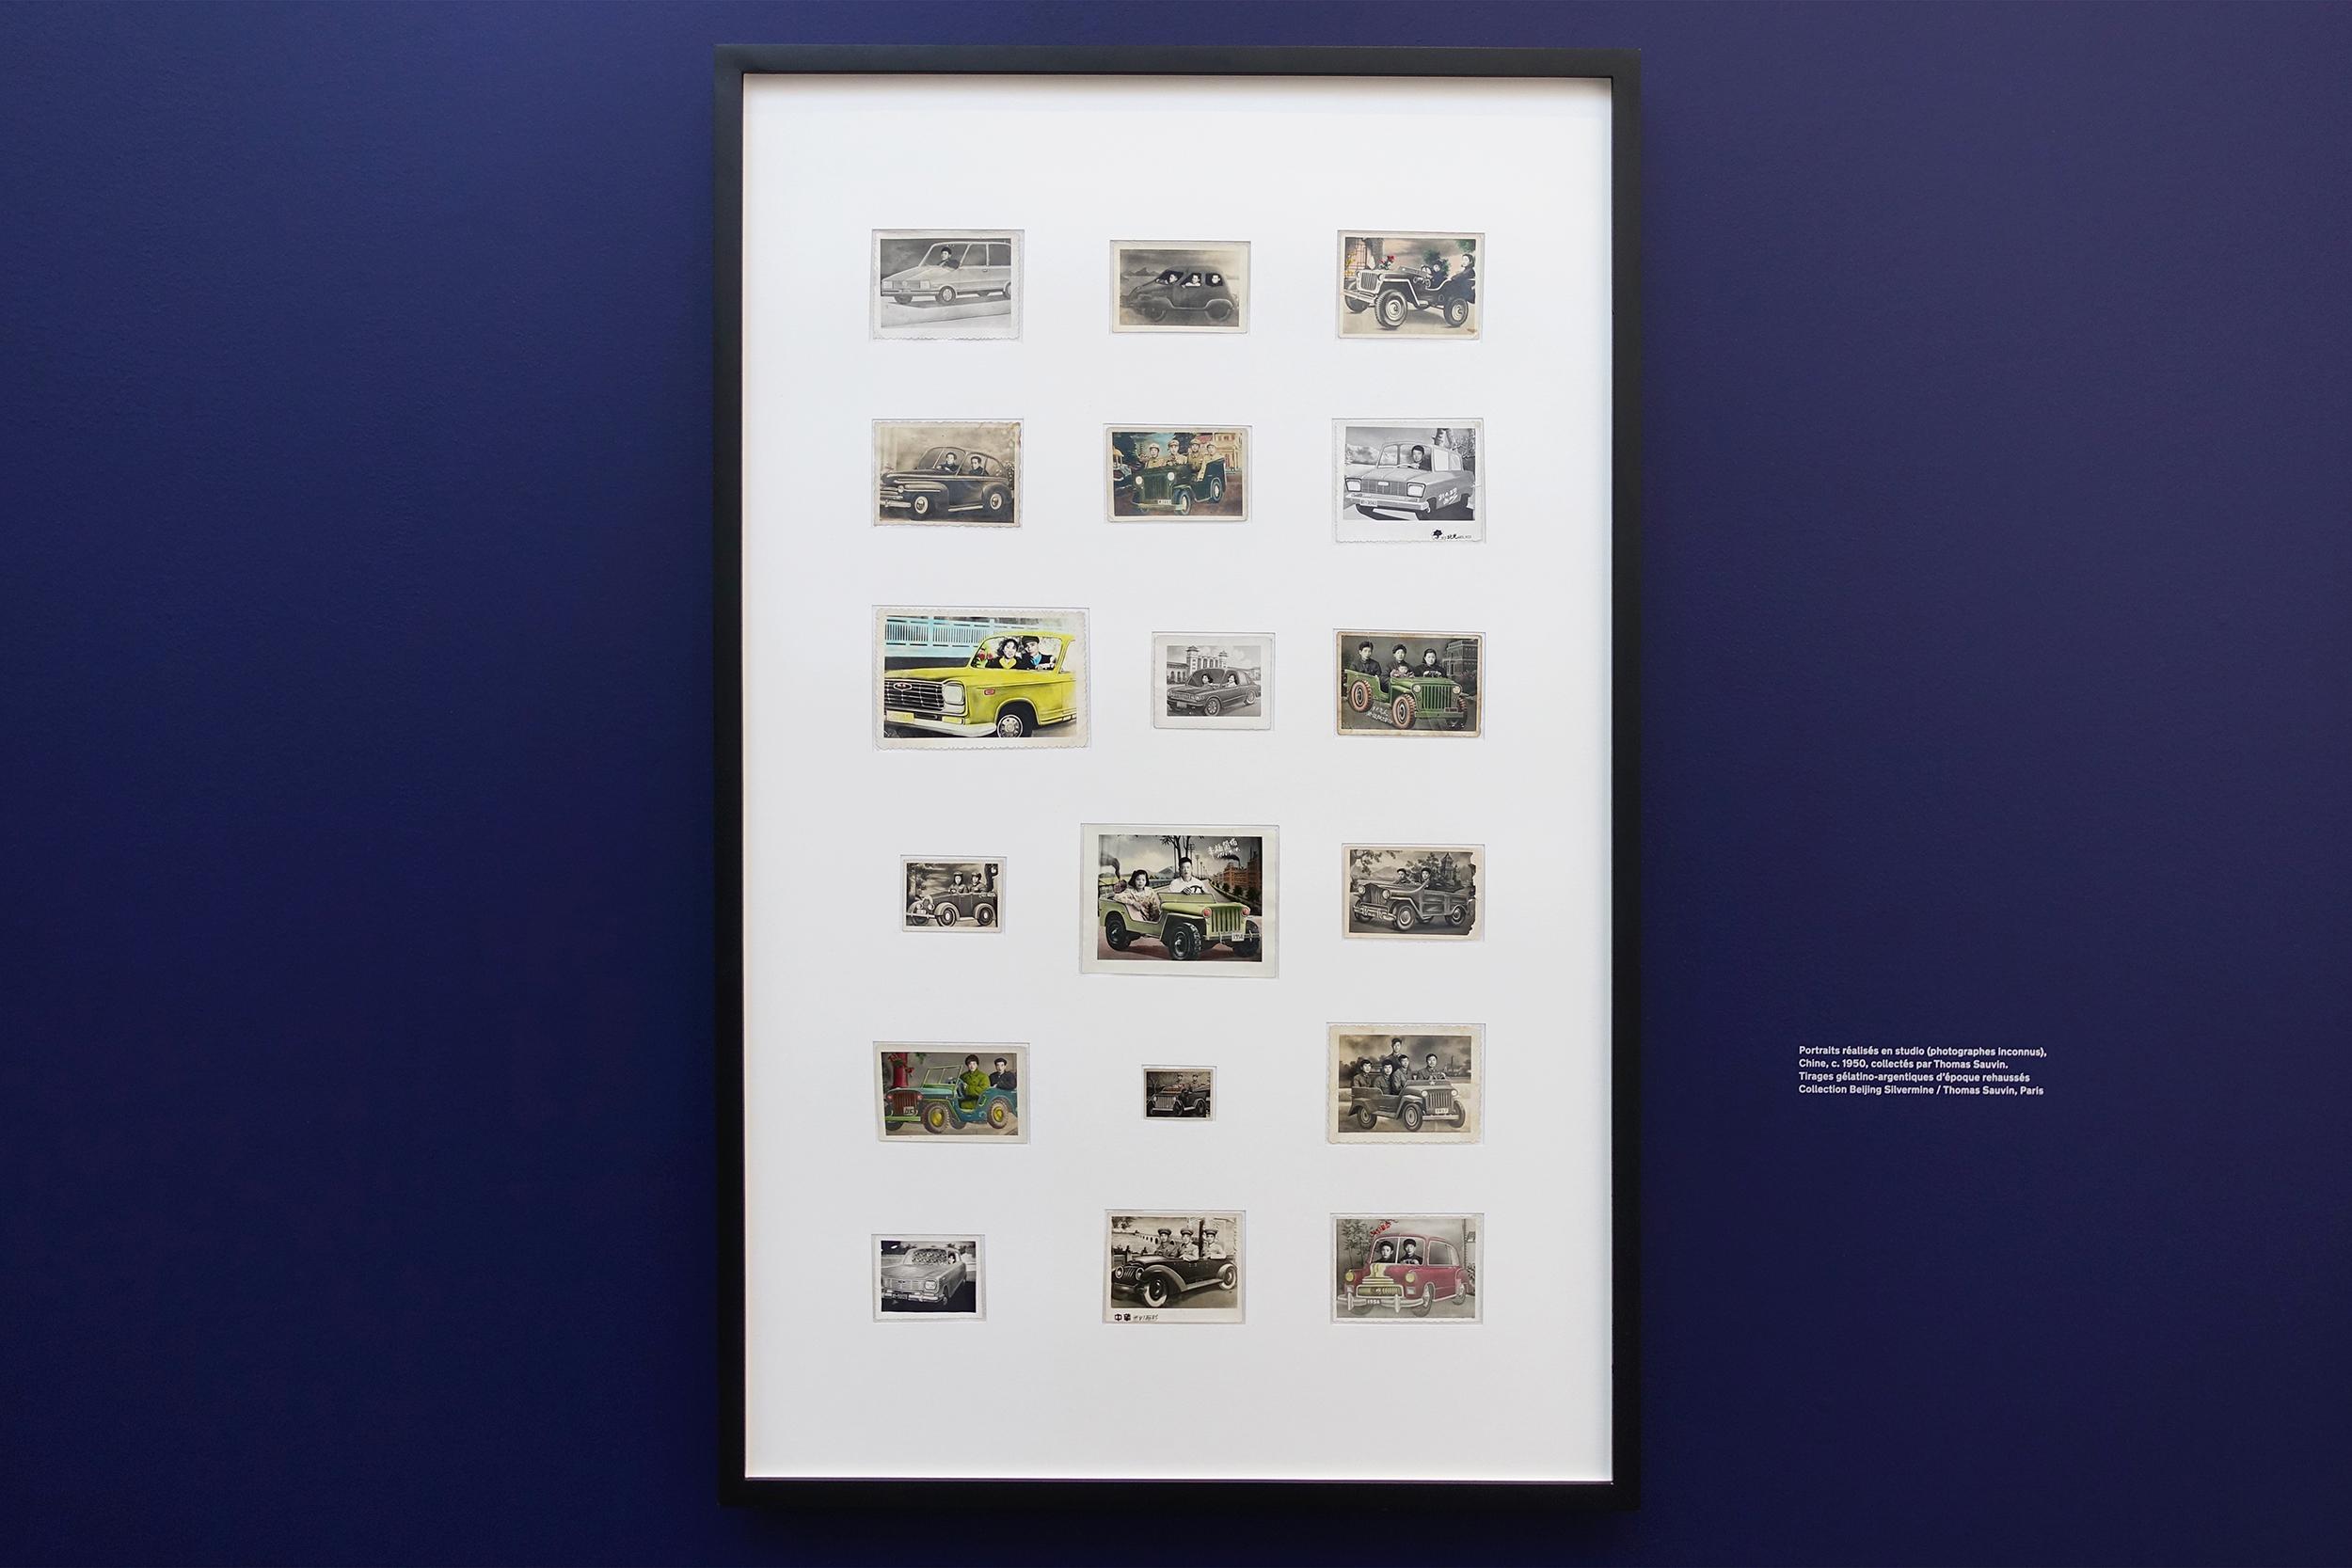 Autophoto Fondation Cartier